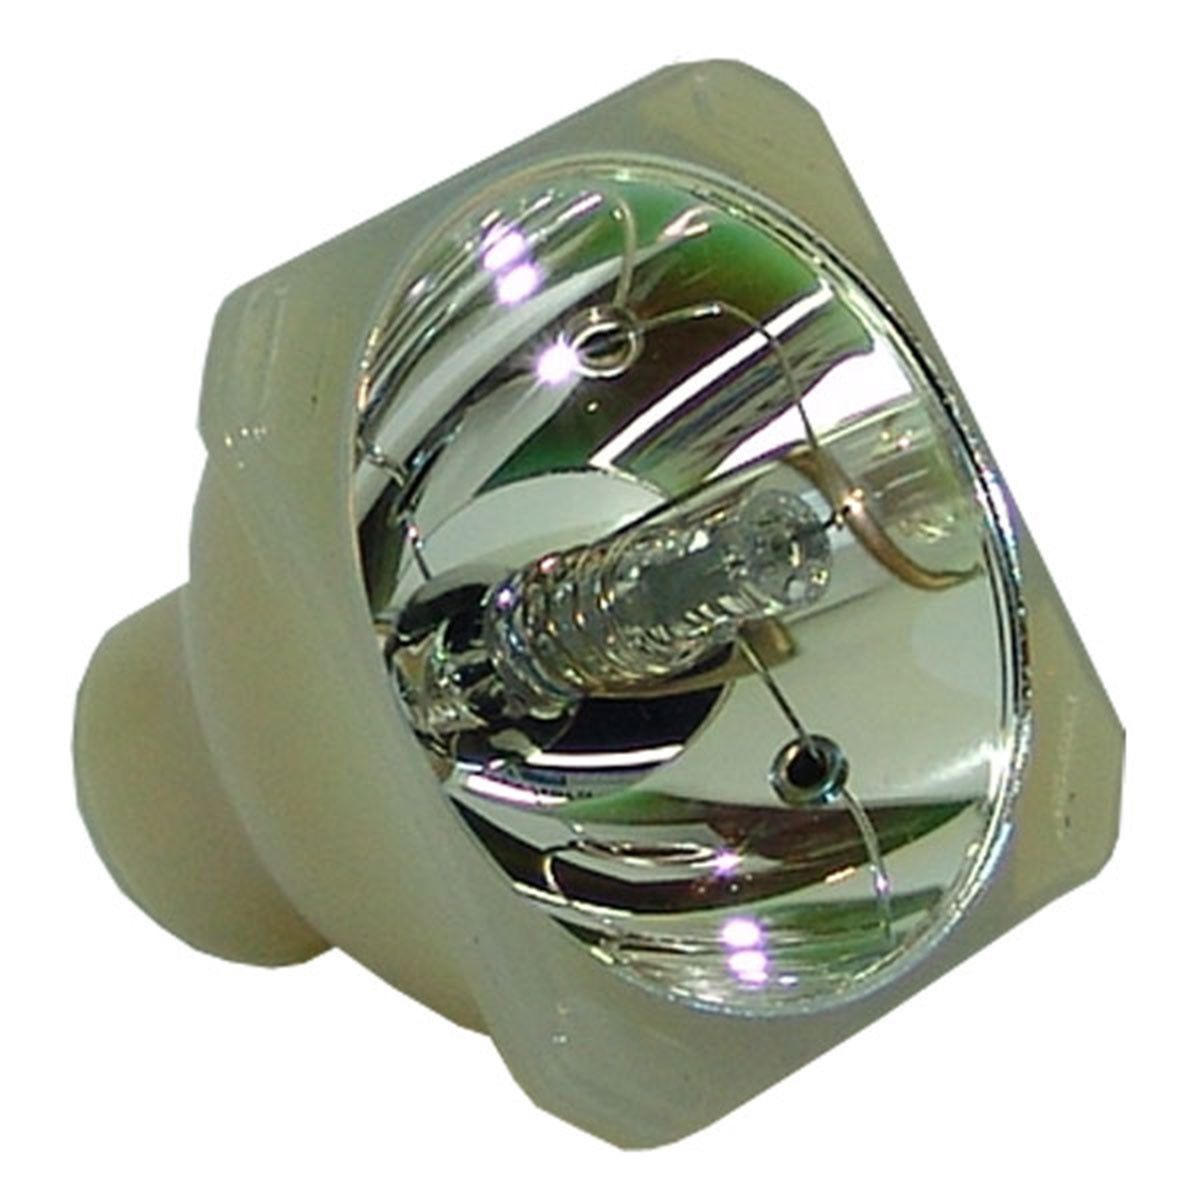 все цены на  Compatible Bare Bulb 59.J9301.CG1 for BenQ PB2140 PB2240 PB2250 PE2240 PB2145 Projector Bulb Lamp without housing  онлайн